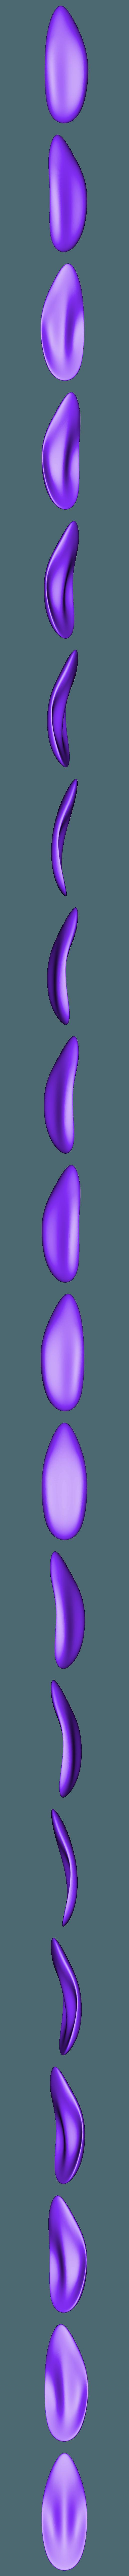 tongue.stl Télécharger fichier STL gratuit Gigantamax Gengar dans un marais (Pokemon) キョダイマックス ゲンガー MMU Pièces multicolores • Design pour imprimante 3D, Jangie